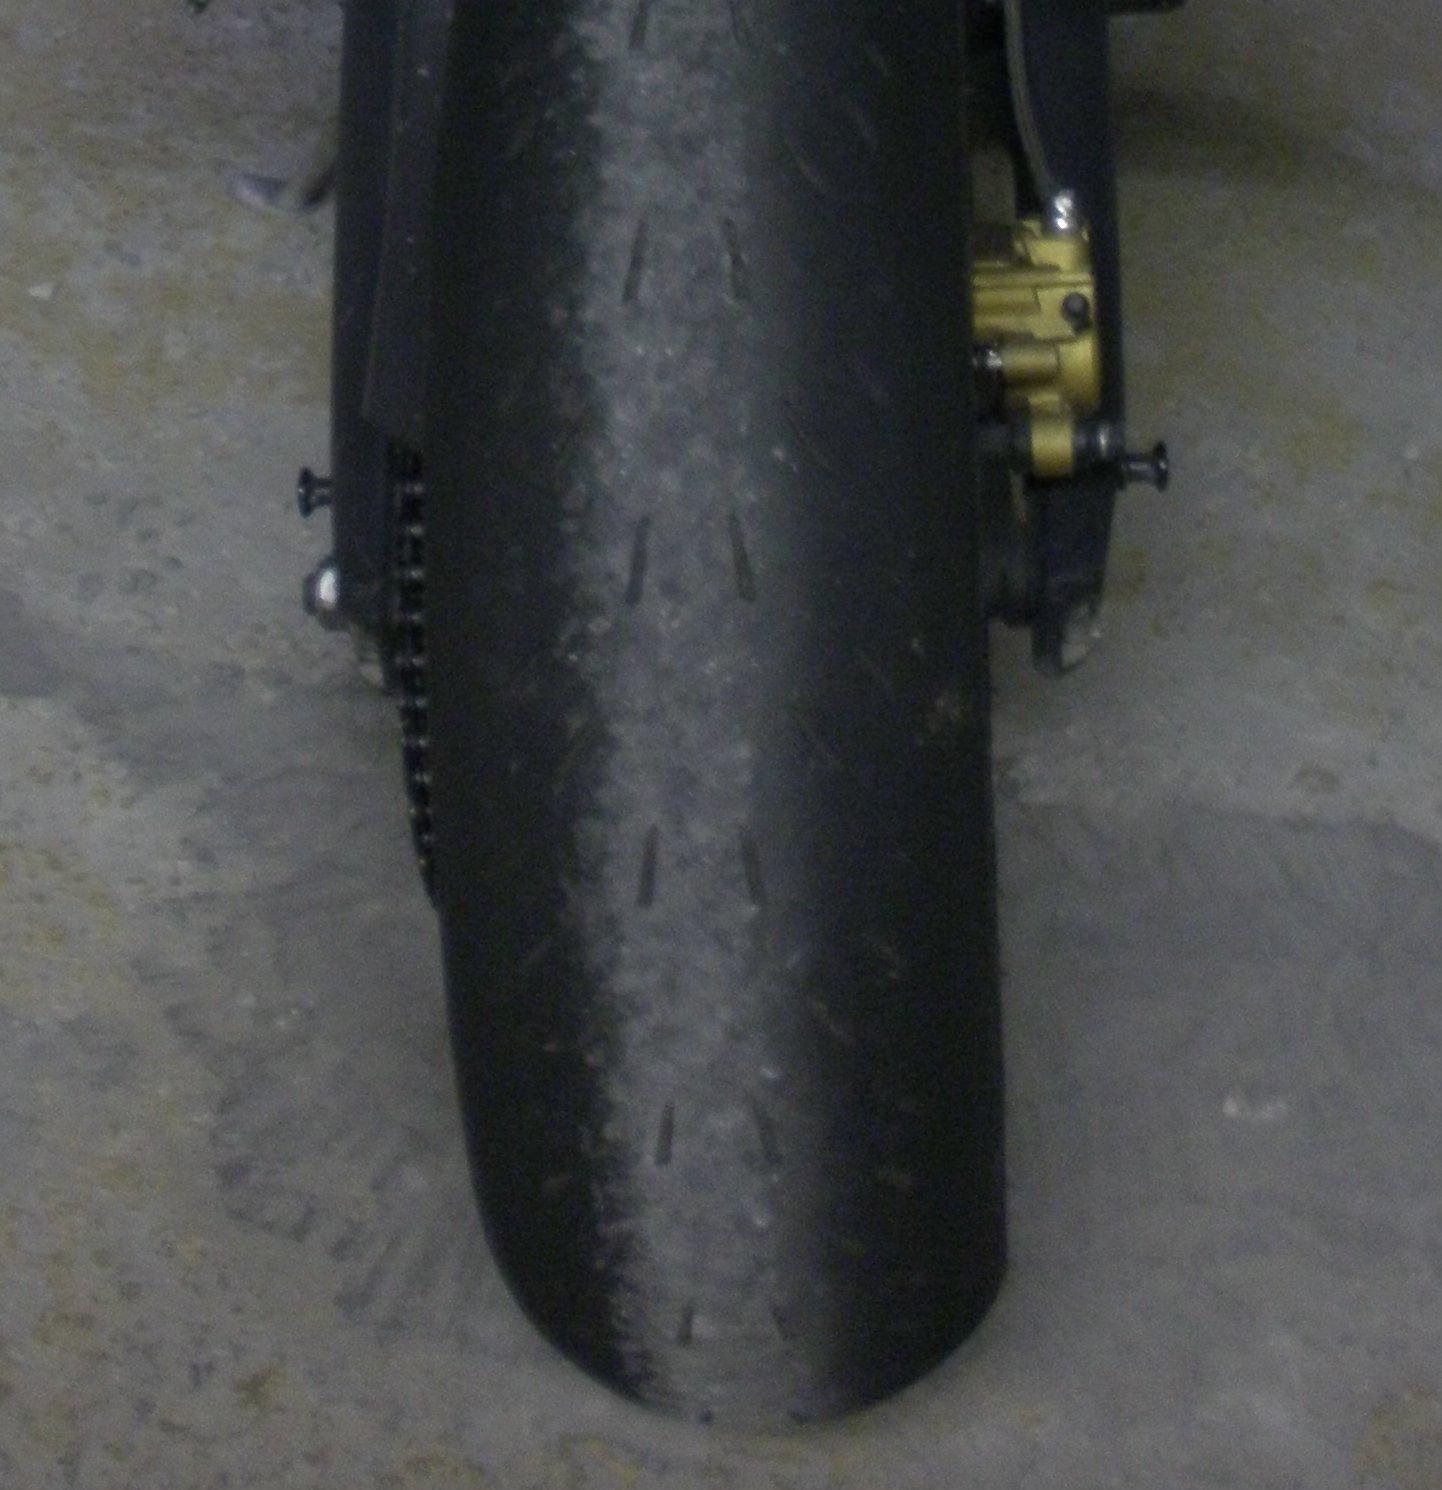 changement pneu et choix? - Page 6 210301065102697715